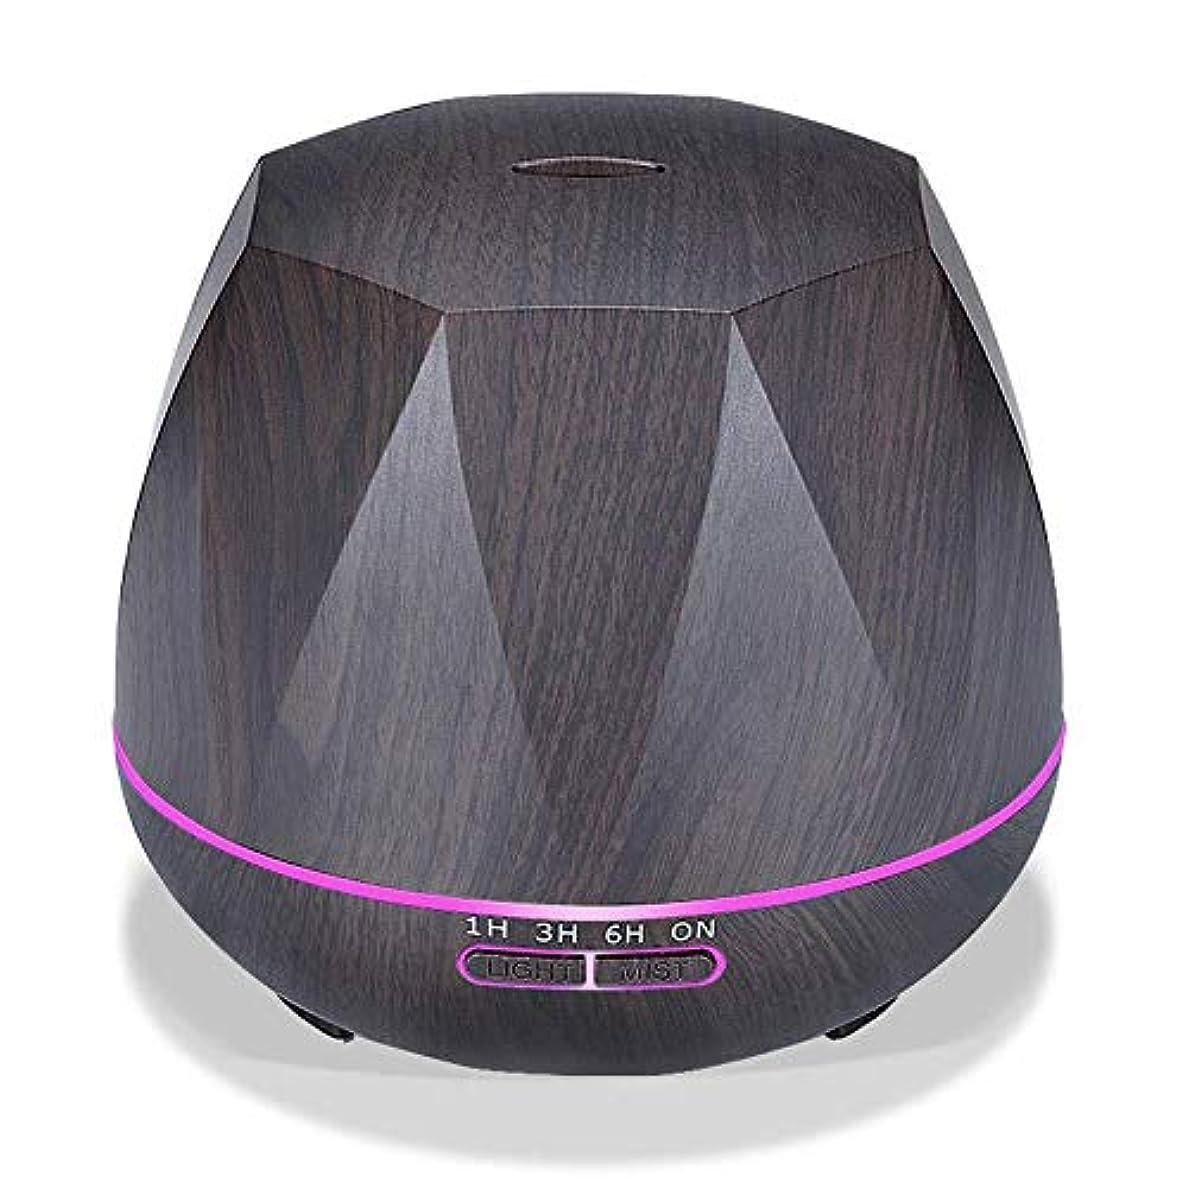 マンハッタン買収荒涼とした木目 涼しい霧 加湿器,7 色 空気を浄化 加湿機 時間 デスクトップ 精油 ディフューザー アロマネブライザー Yoga ベッド 寮- 300ml